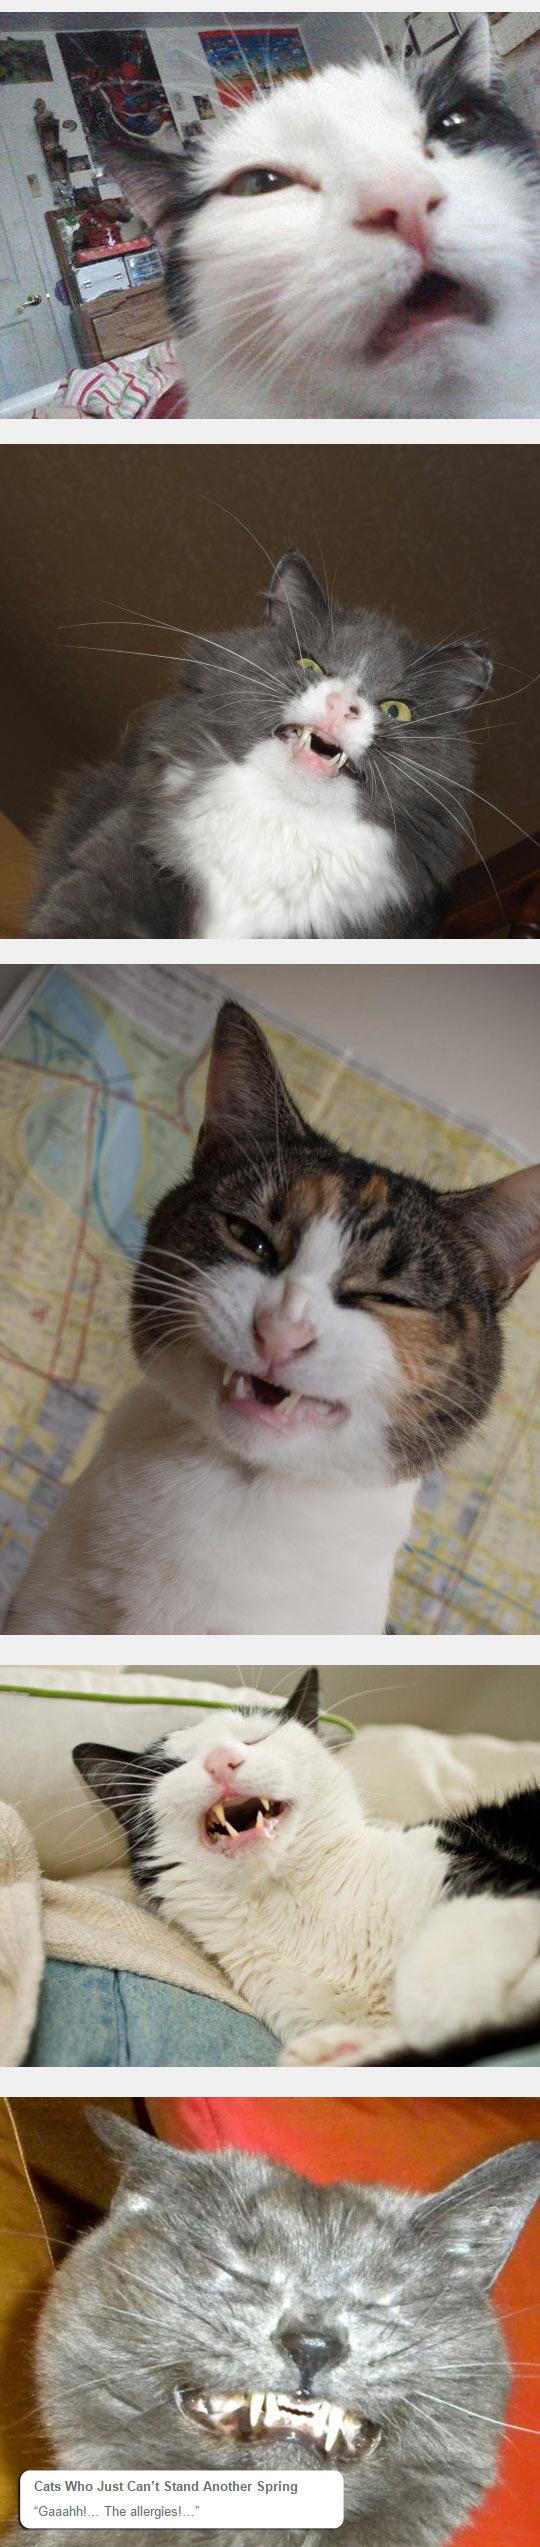 funny-cat-sneeze-face-weird-snout-eyes